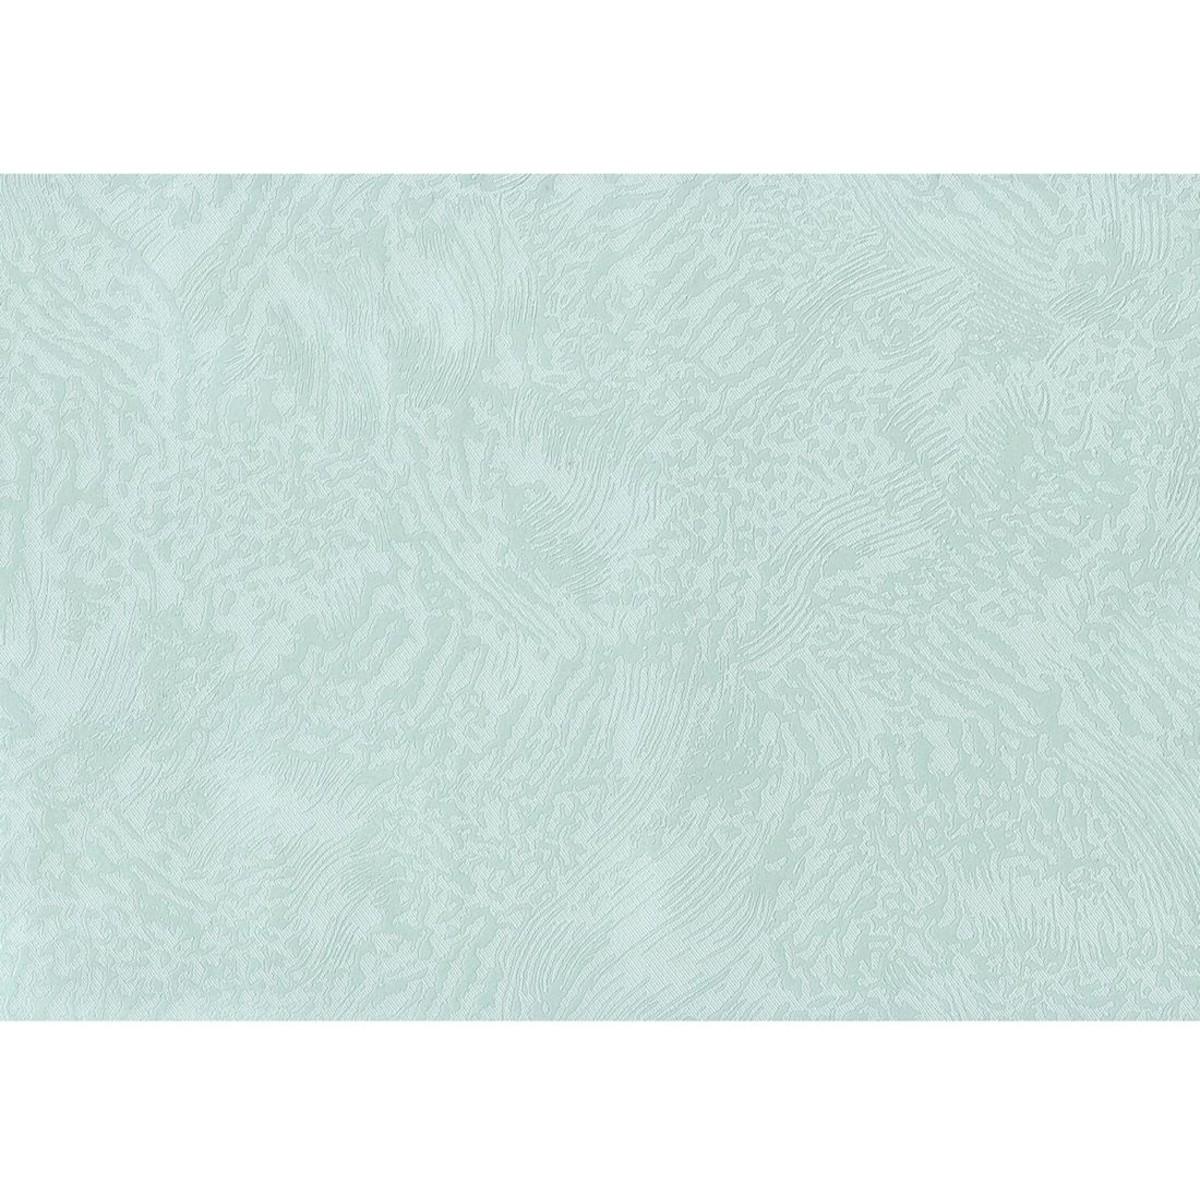 Обои флизелиновые Euro Decor зеленые 1.06 м 1170-03